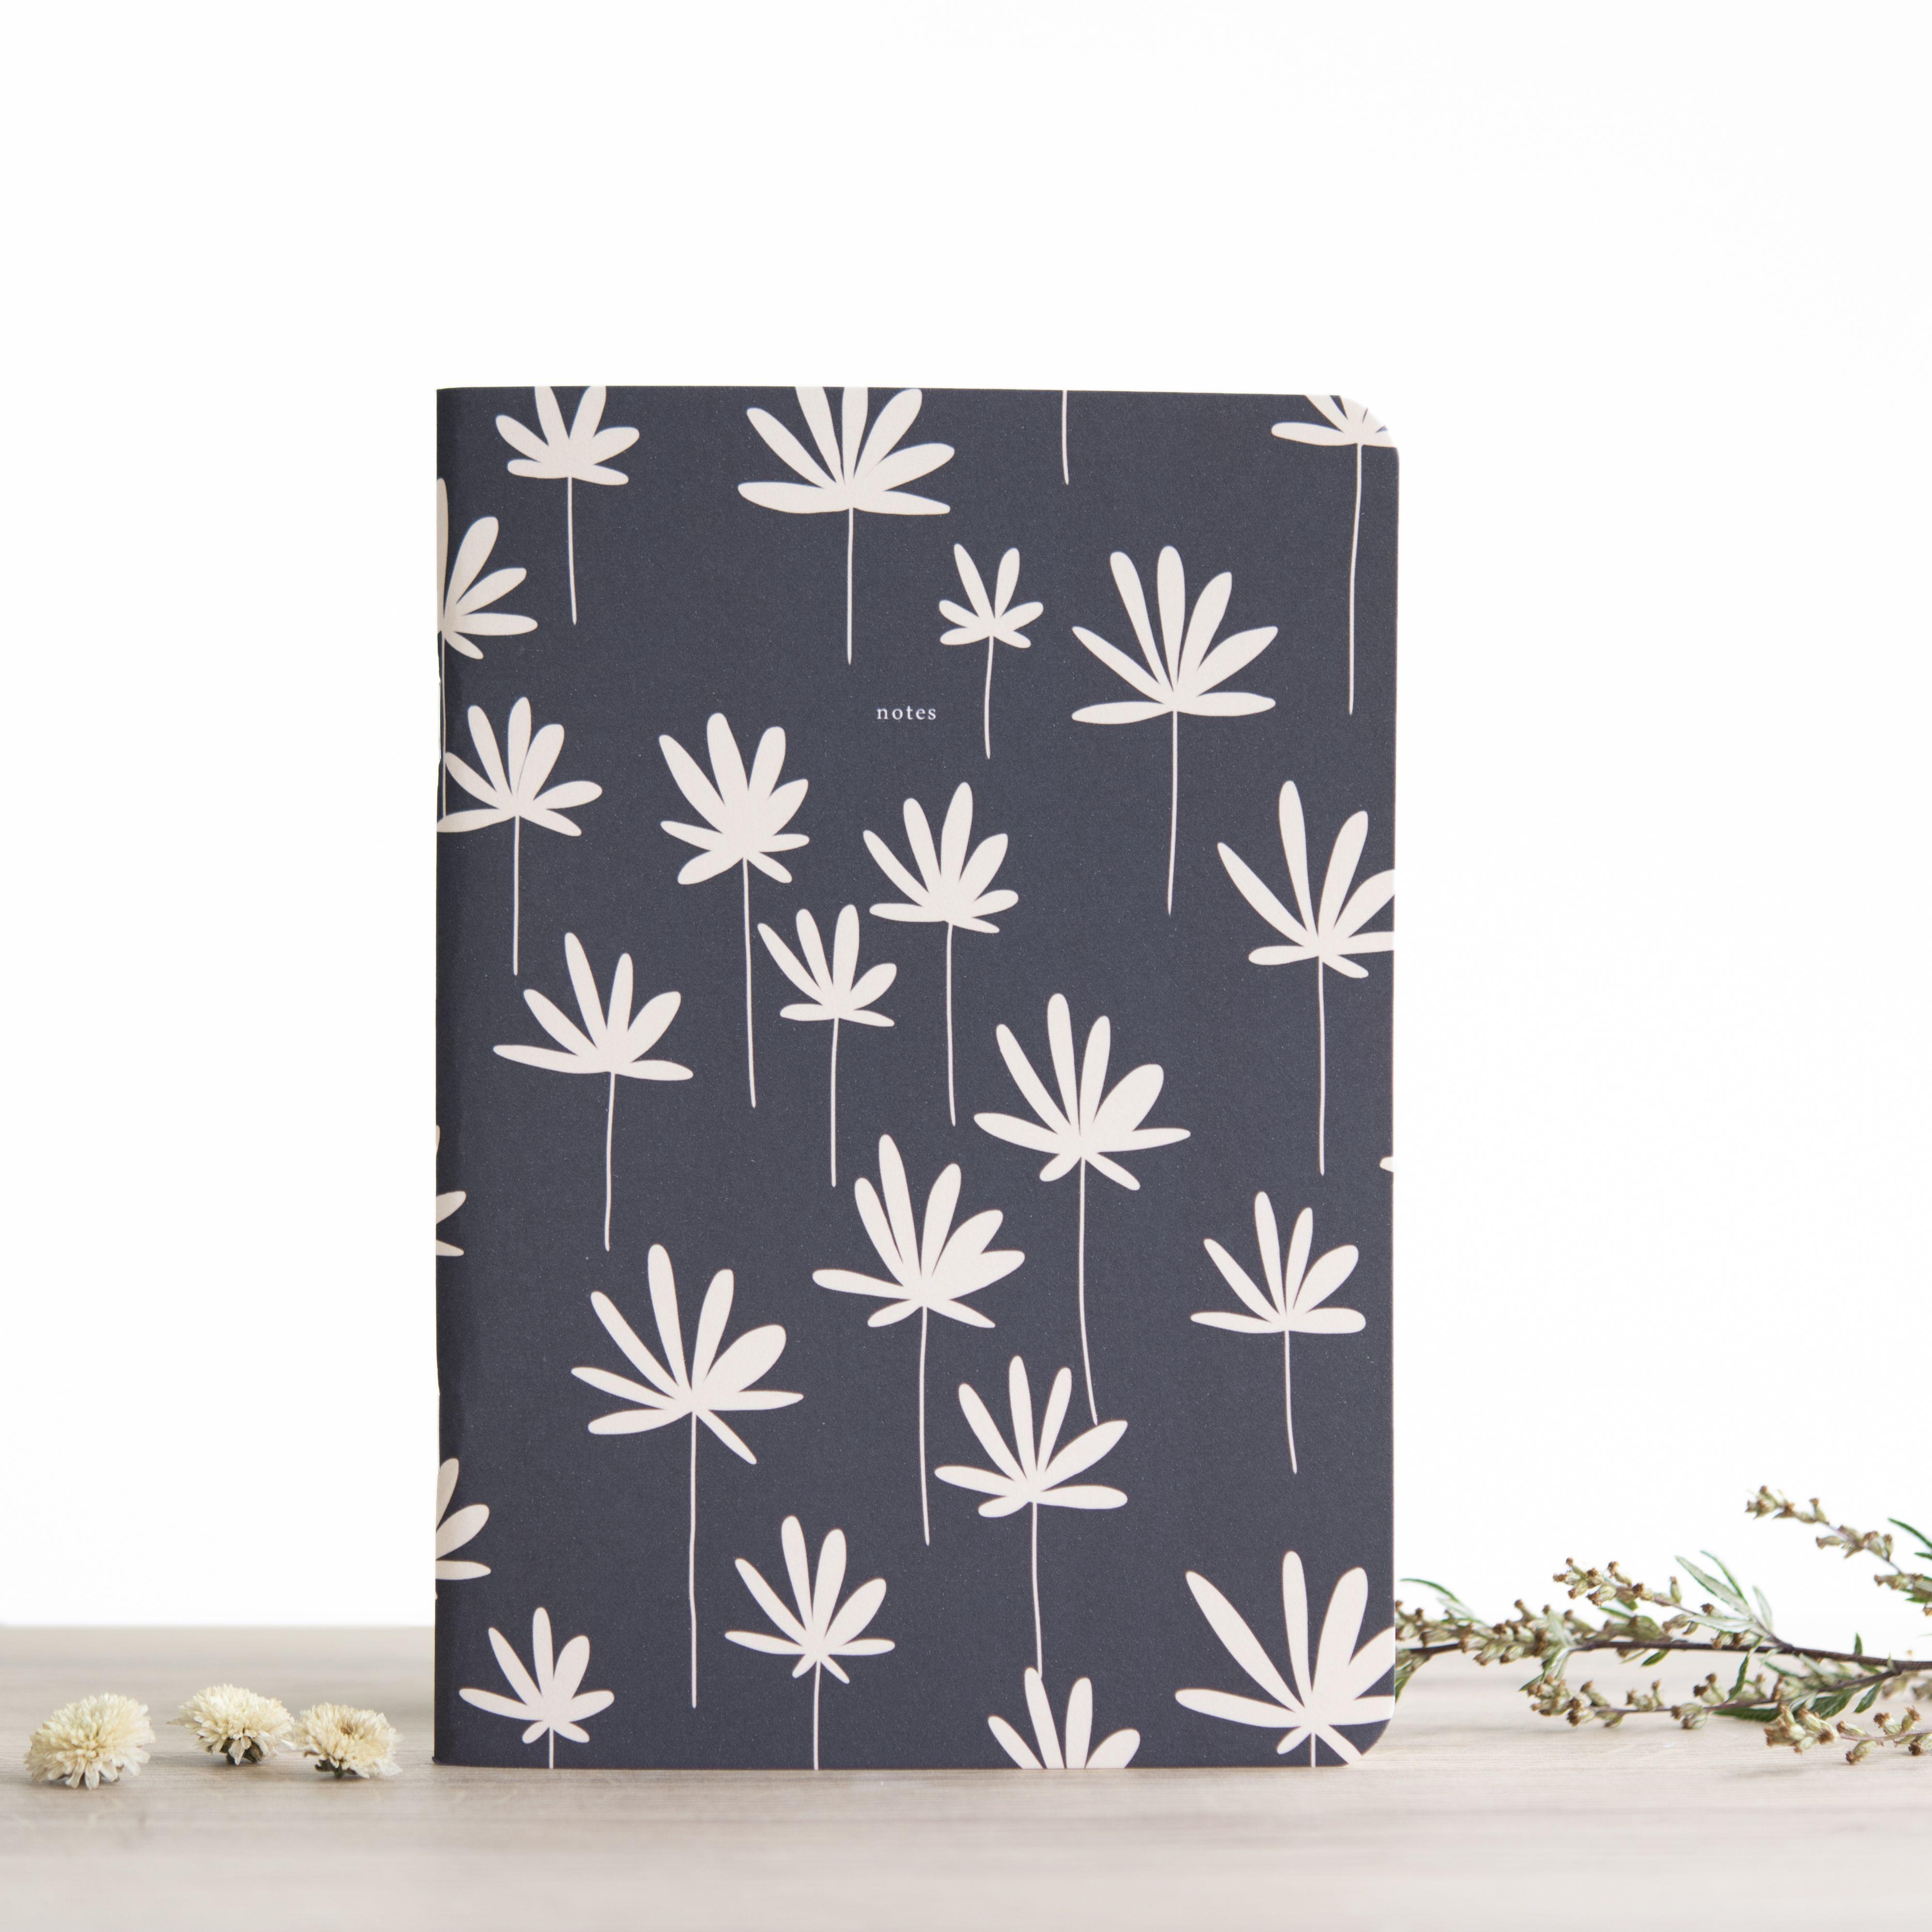 Atelier Bobbie A5 Notebook - Rosalie - Blank